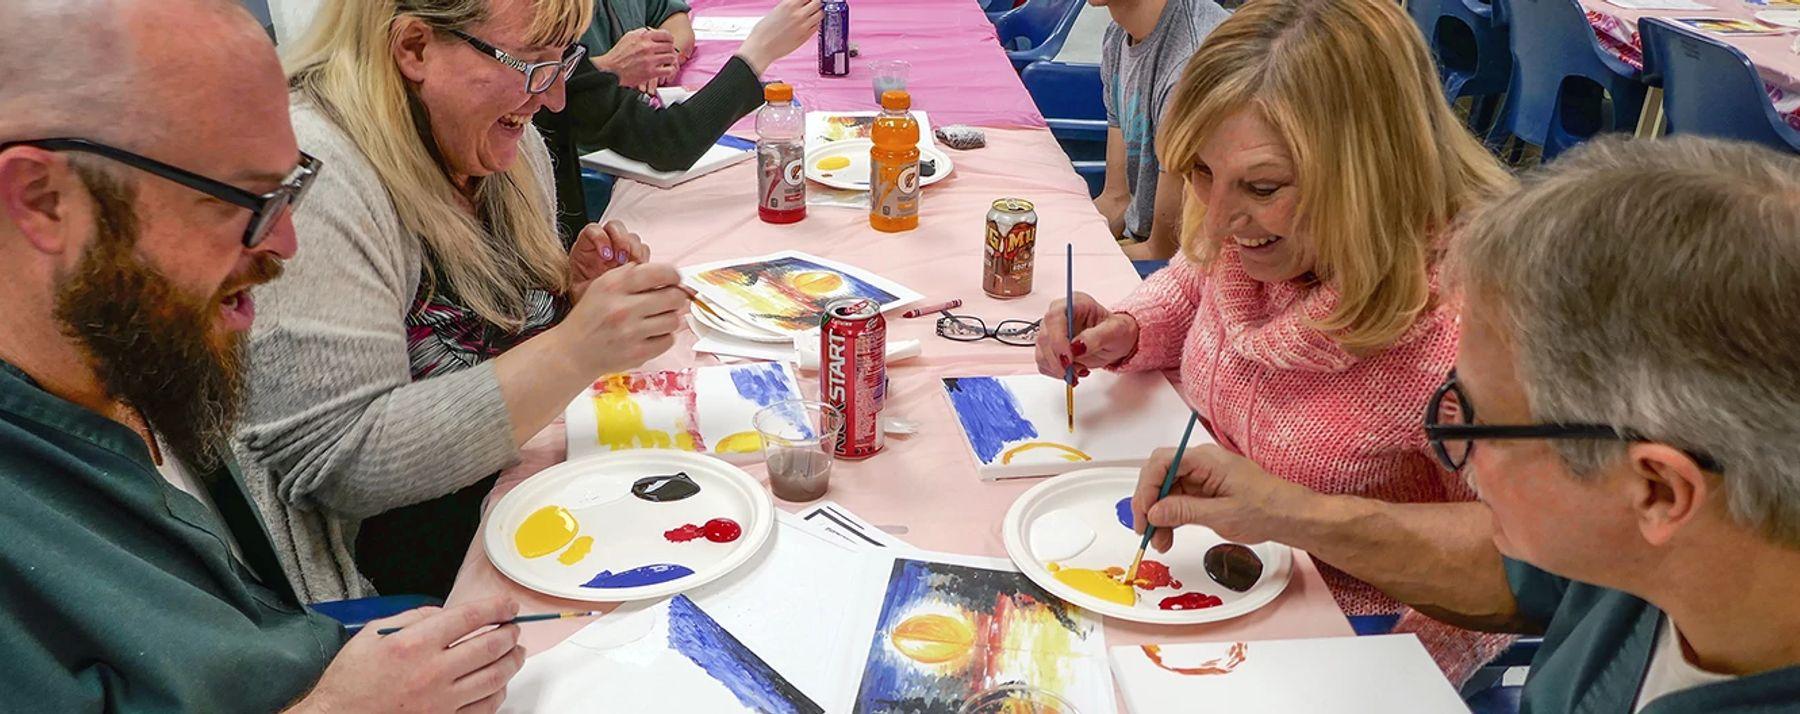 DU PAI families participate in a art project.